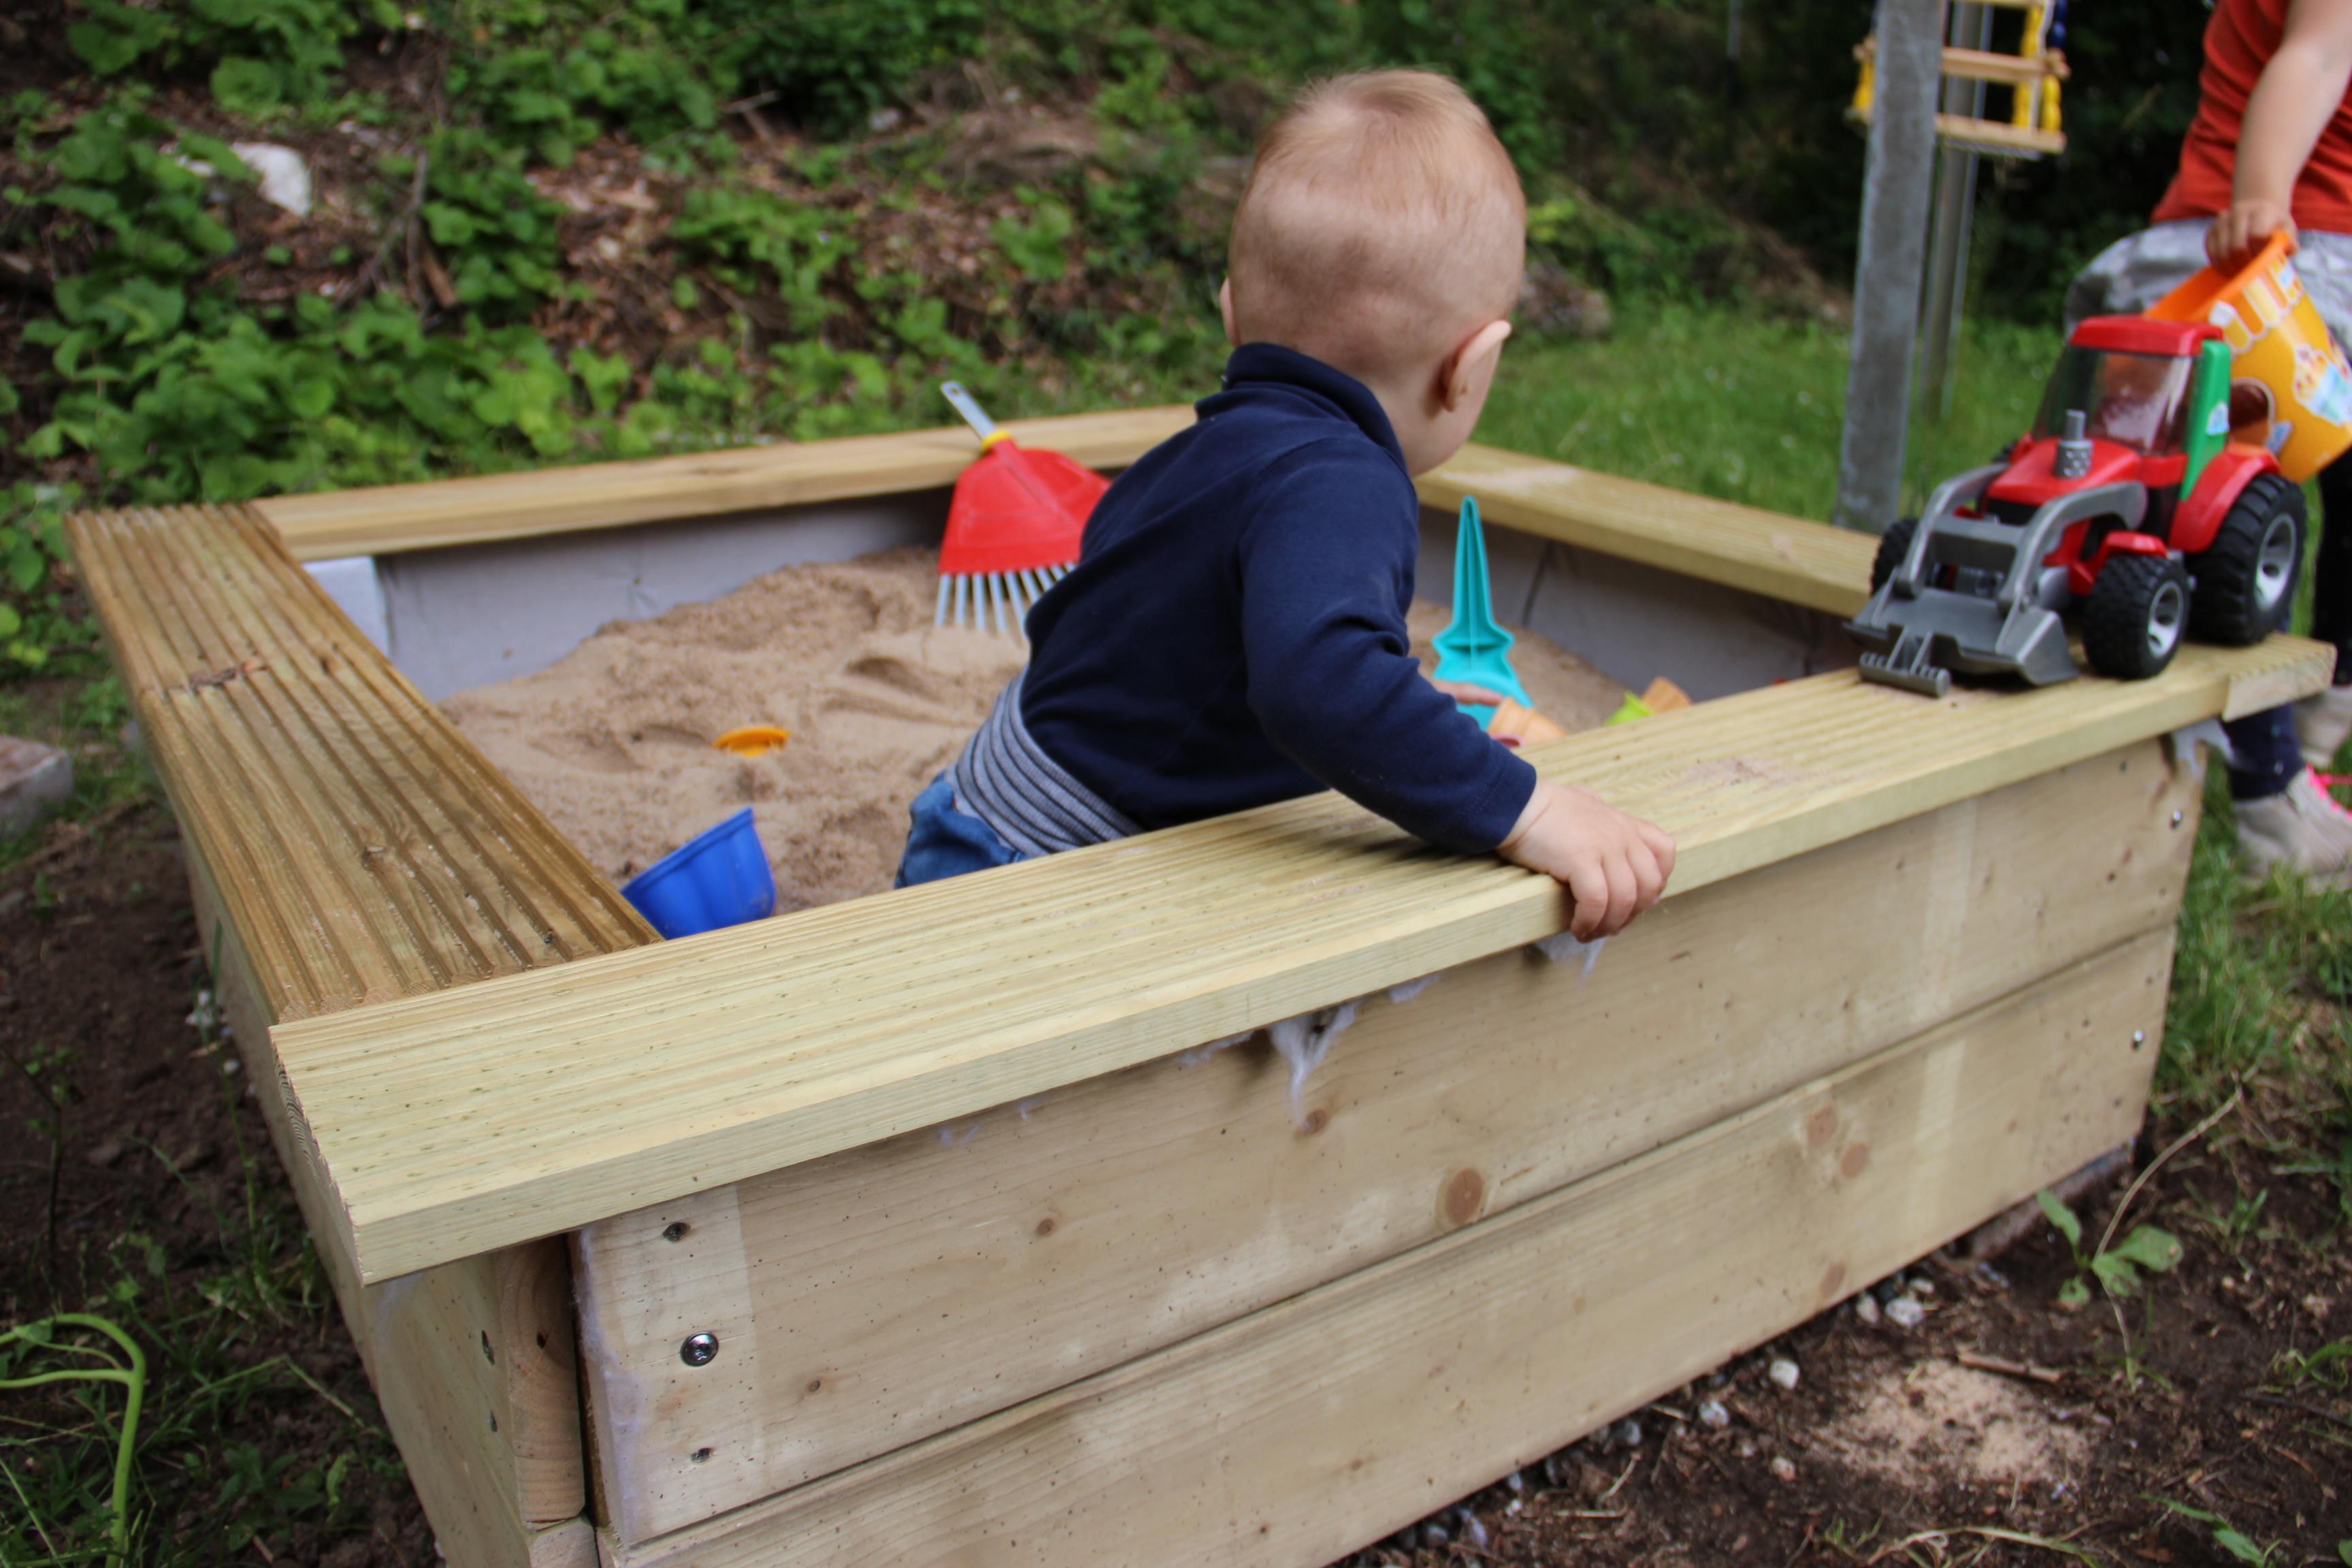 selbstgebauter sandkasten stabil und einfach zu bauen kinderleute. Black Bedroom Furniture Sets. Home Design Ideas